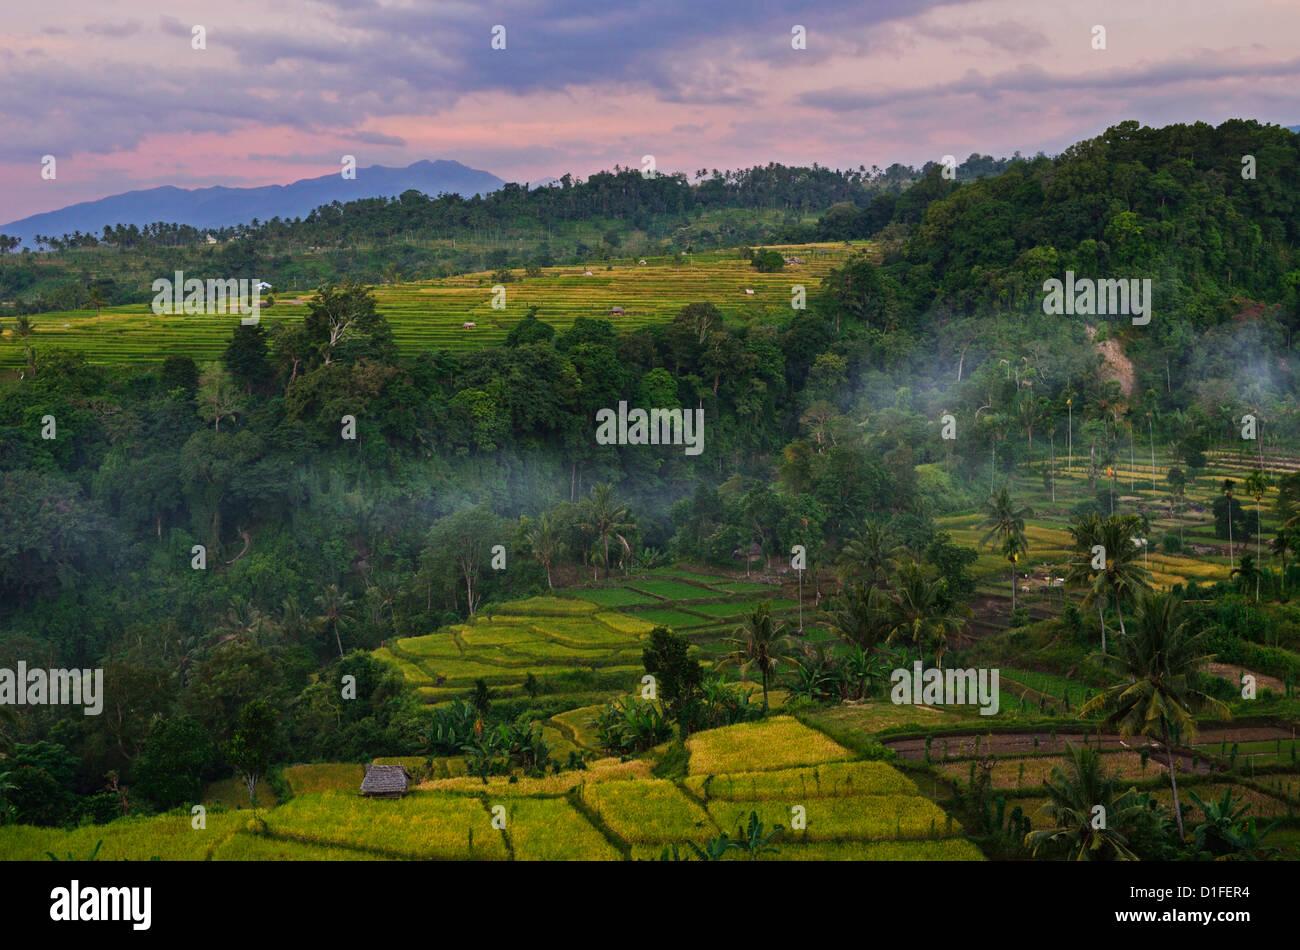 Regenwald und Felder, Senaru, Lombok, Indonesien, Südostasien, Asien Stockfoto